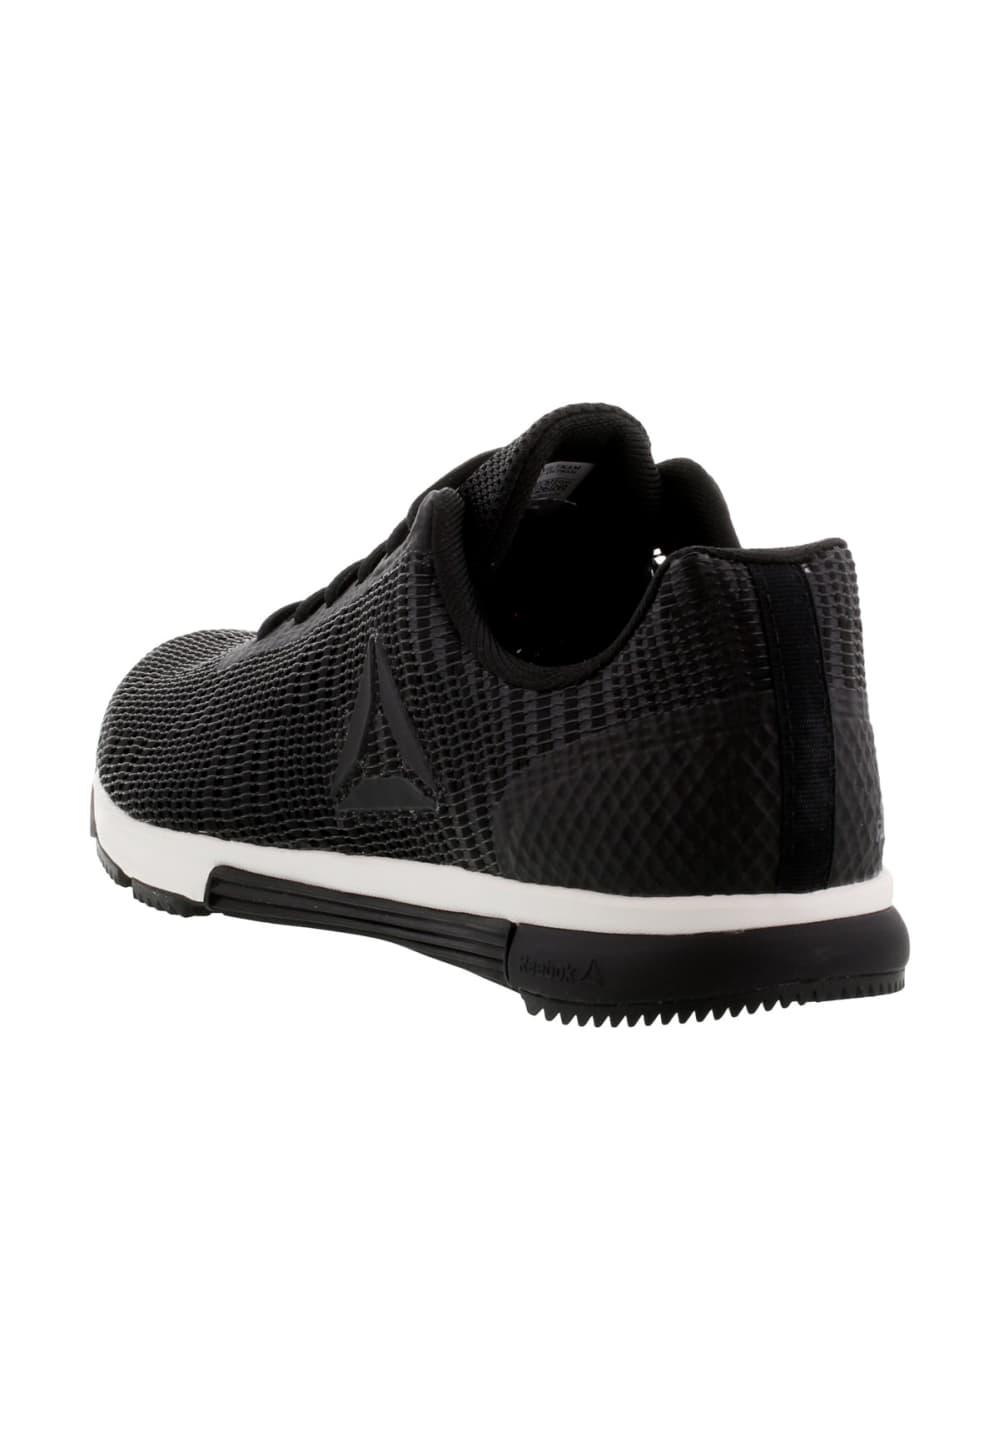 191b82a7a1e3c ... Reebok SPEED TR FLEXWEAVE - Zapatillas de fitness para Mujer - Negro.  Volver. 1  2  3  4  5. Previous. Next